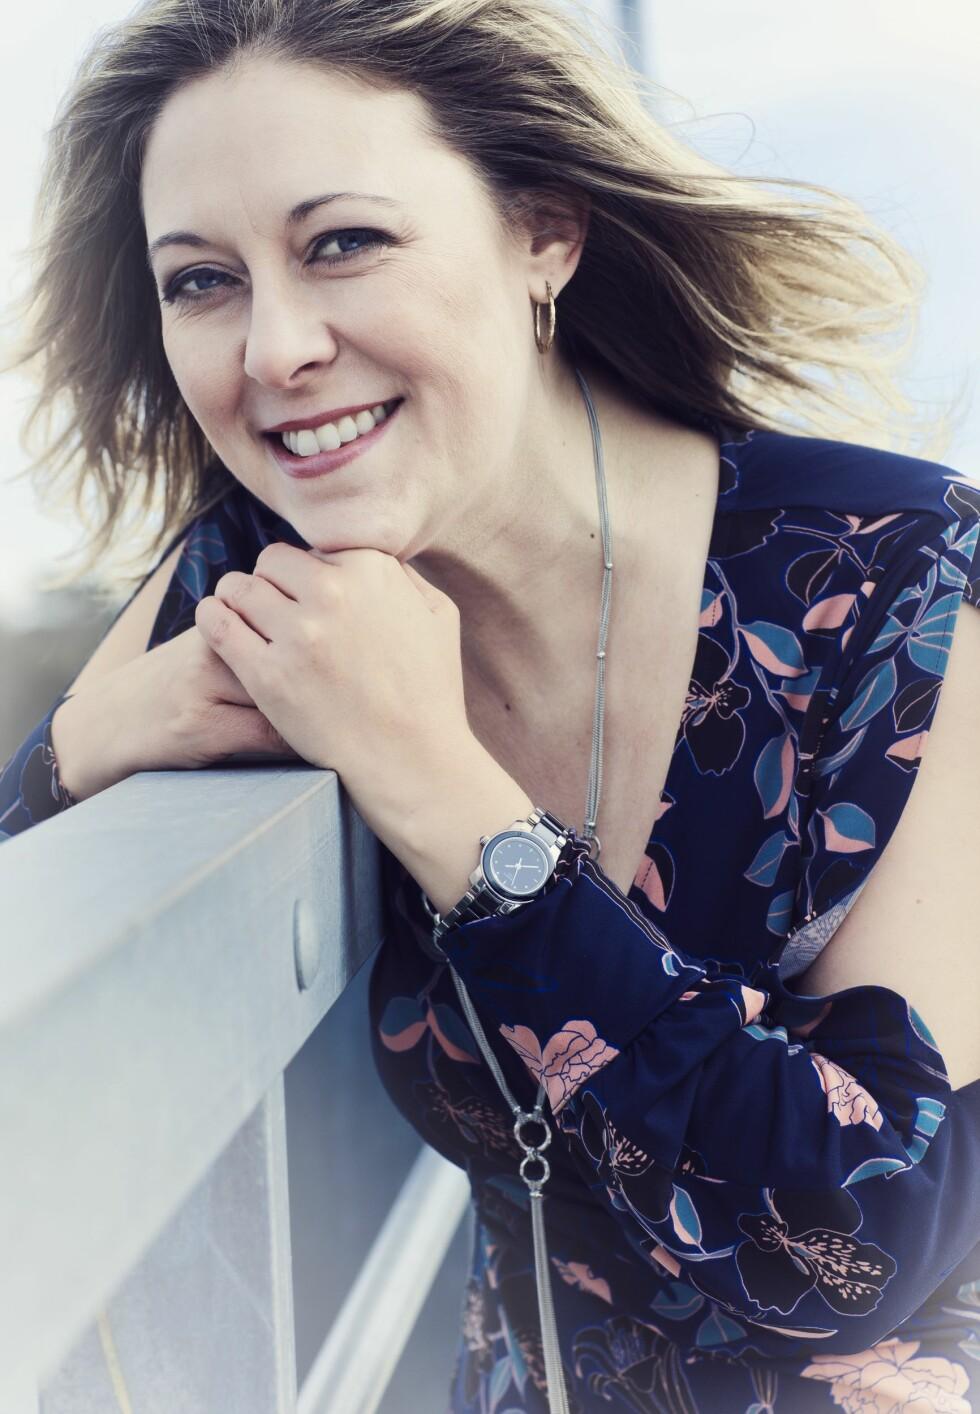 HVA ER EKTE?: Zoë Harris mener at hun ble litt desillusjonert etter at hun hadde vært på datingapper en stund ... Foto: Astrid Waller